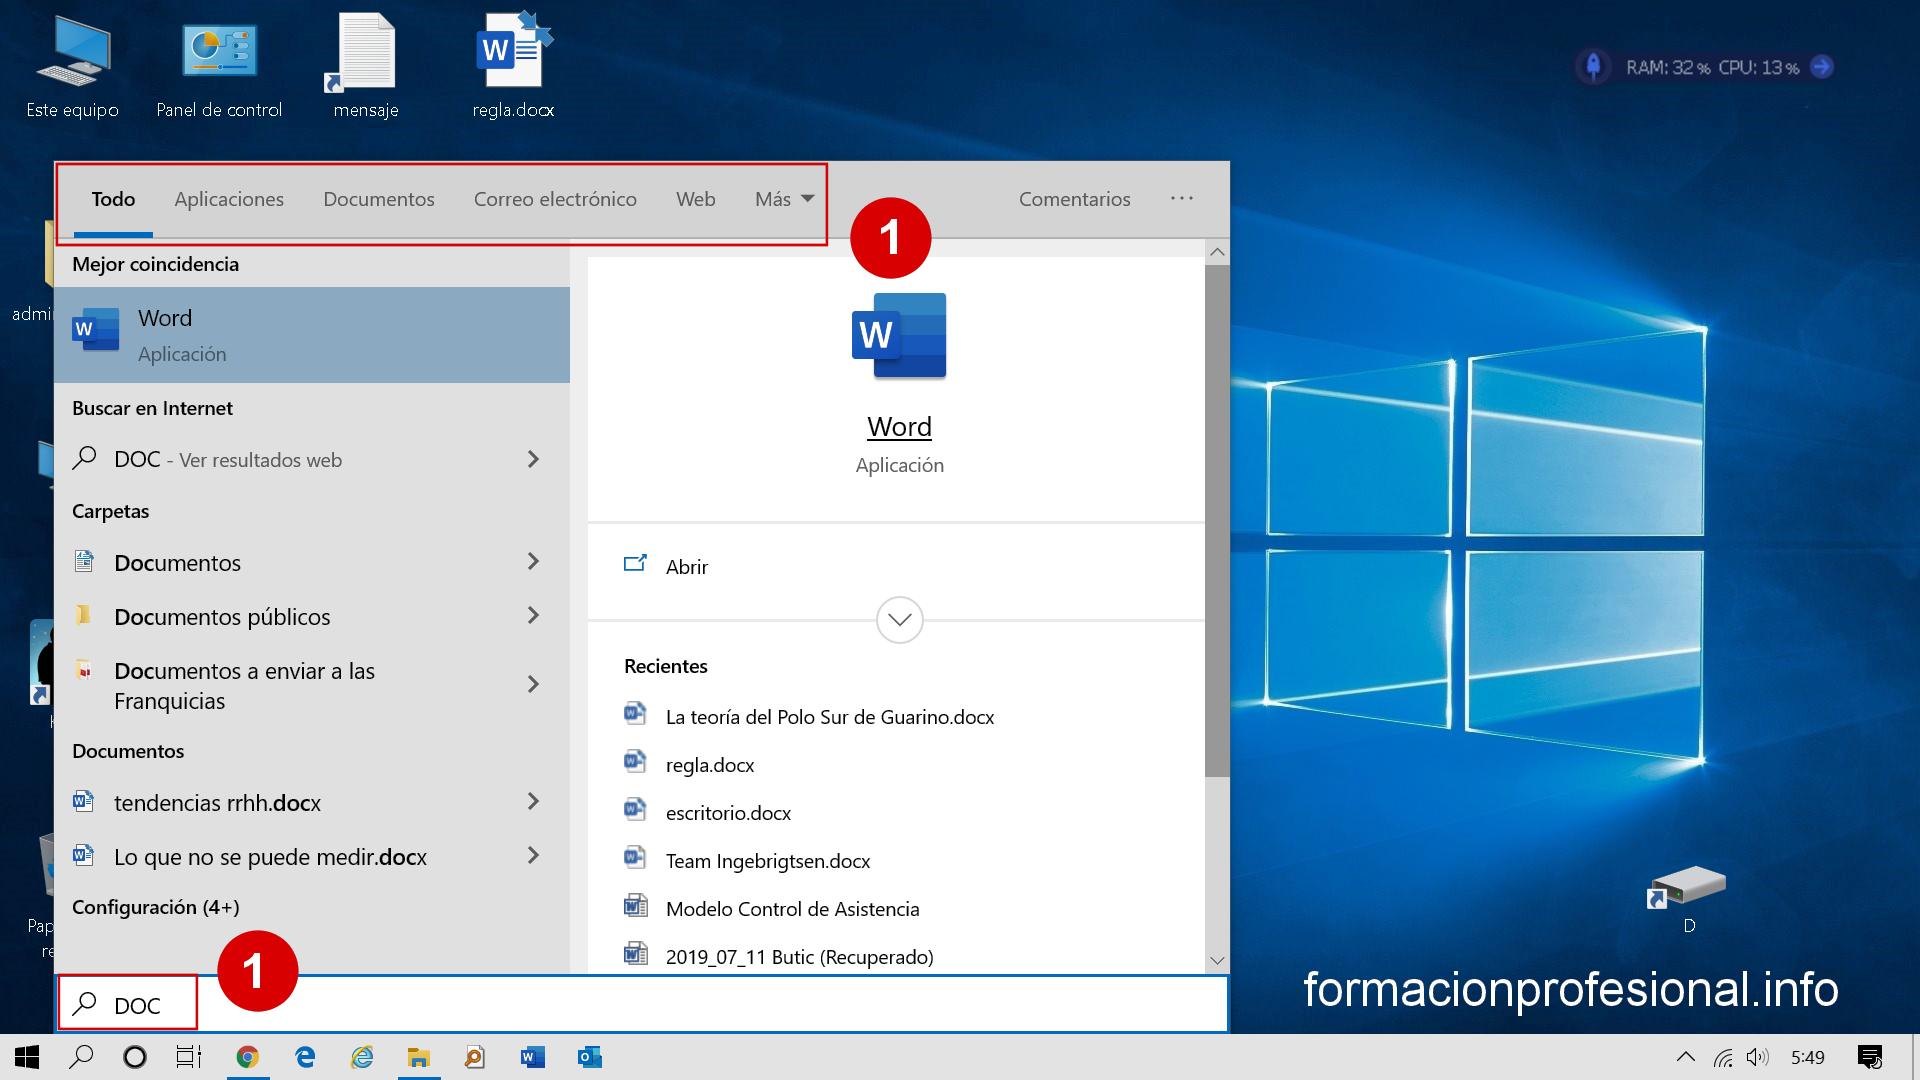 Menú Inicio / Búsquedas en Windows 10